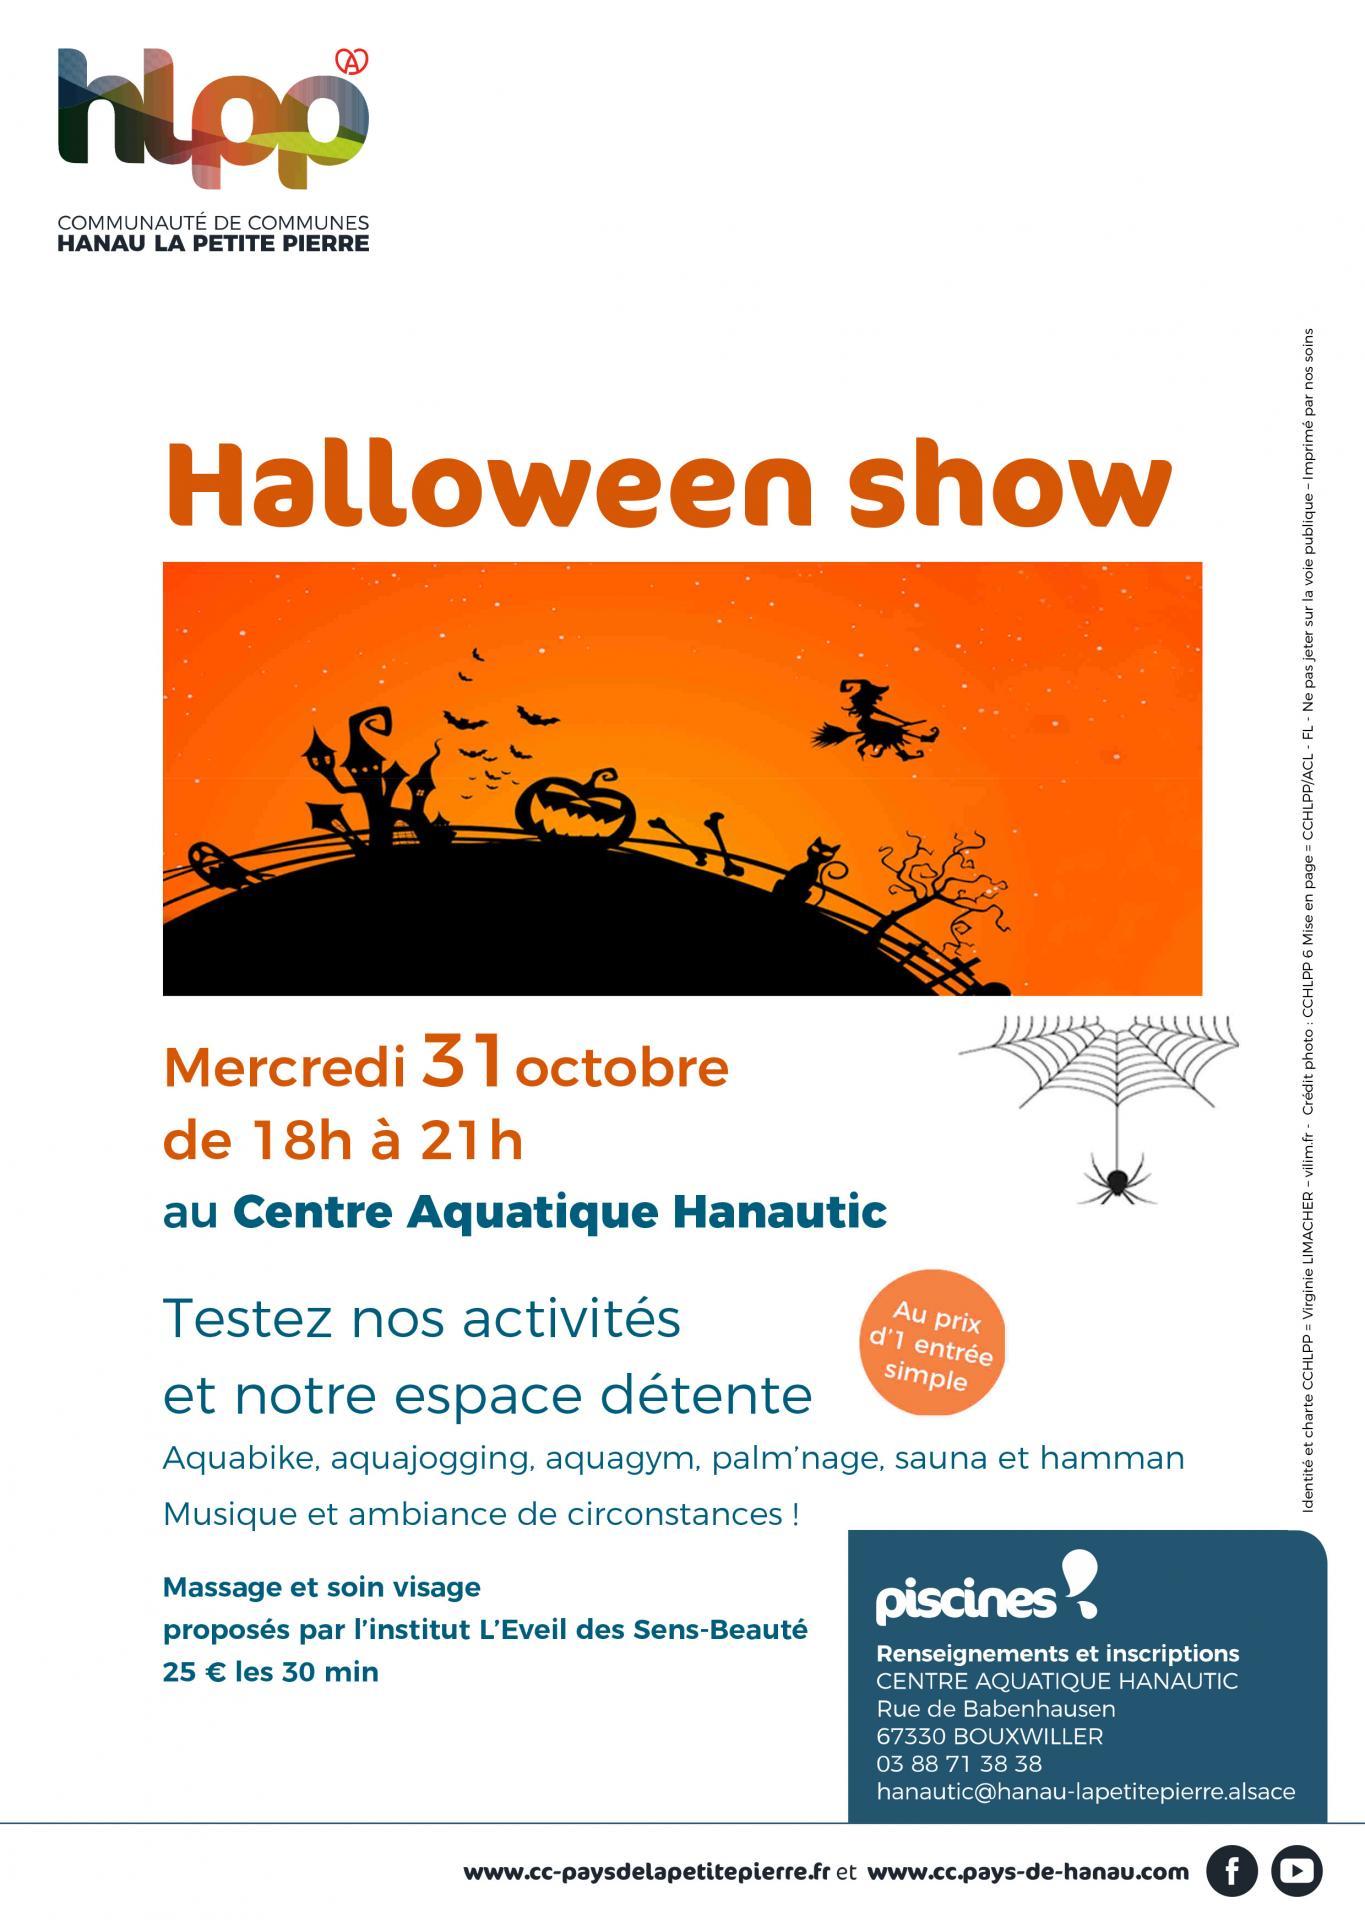 20181017 piscines halloween show